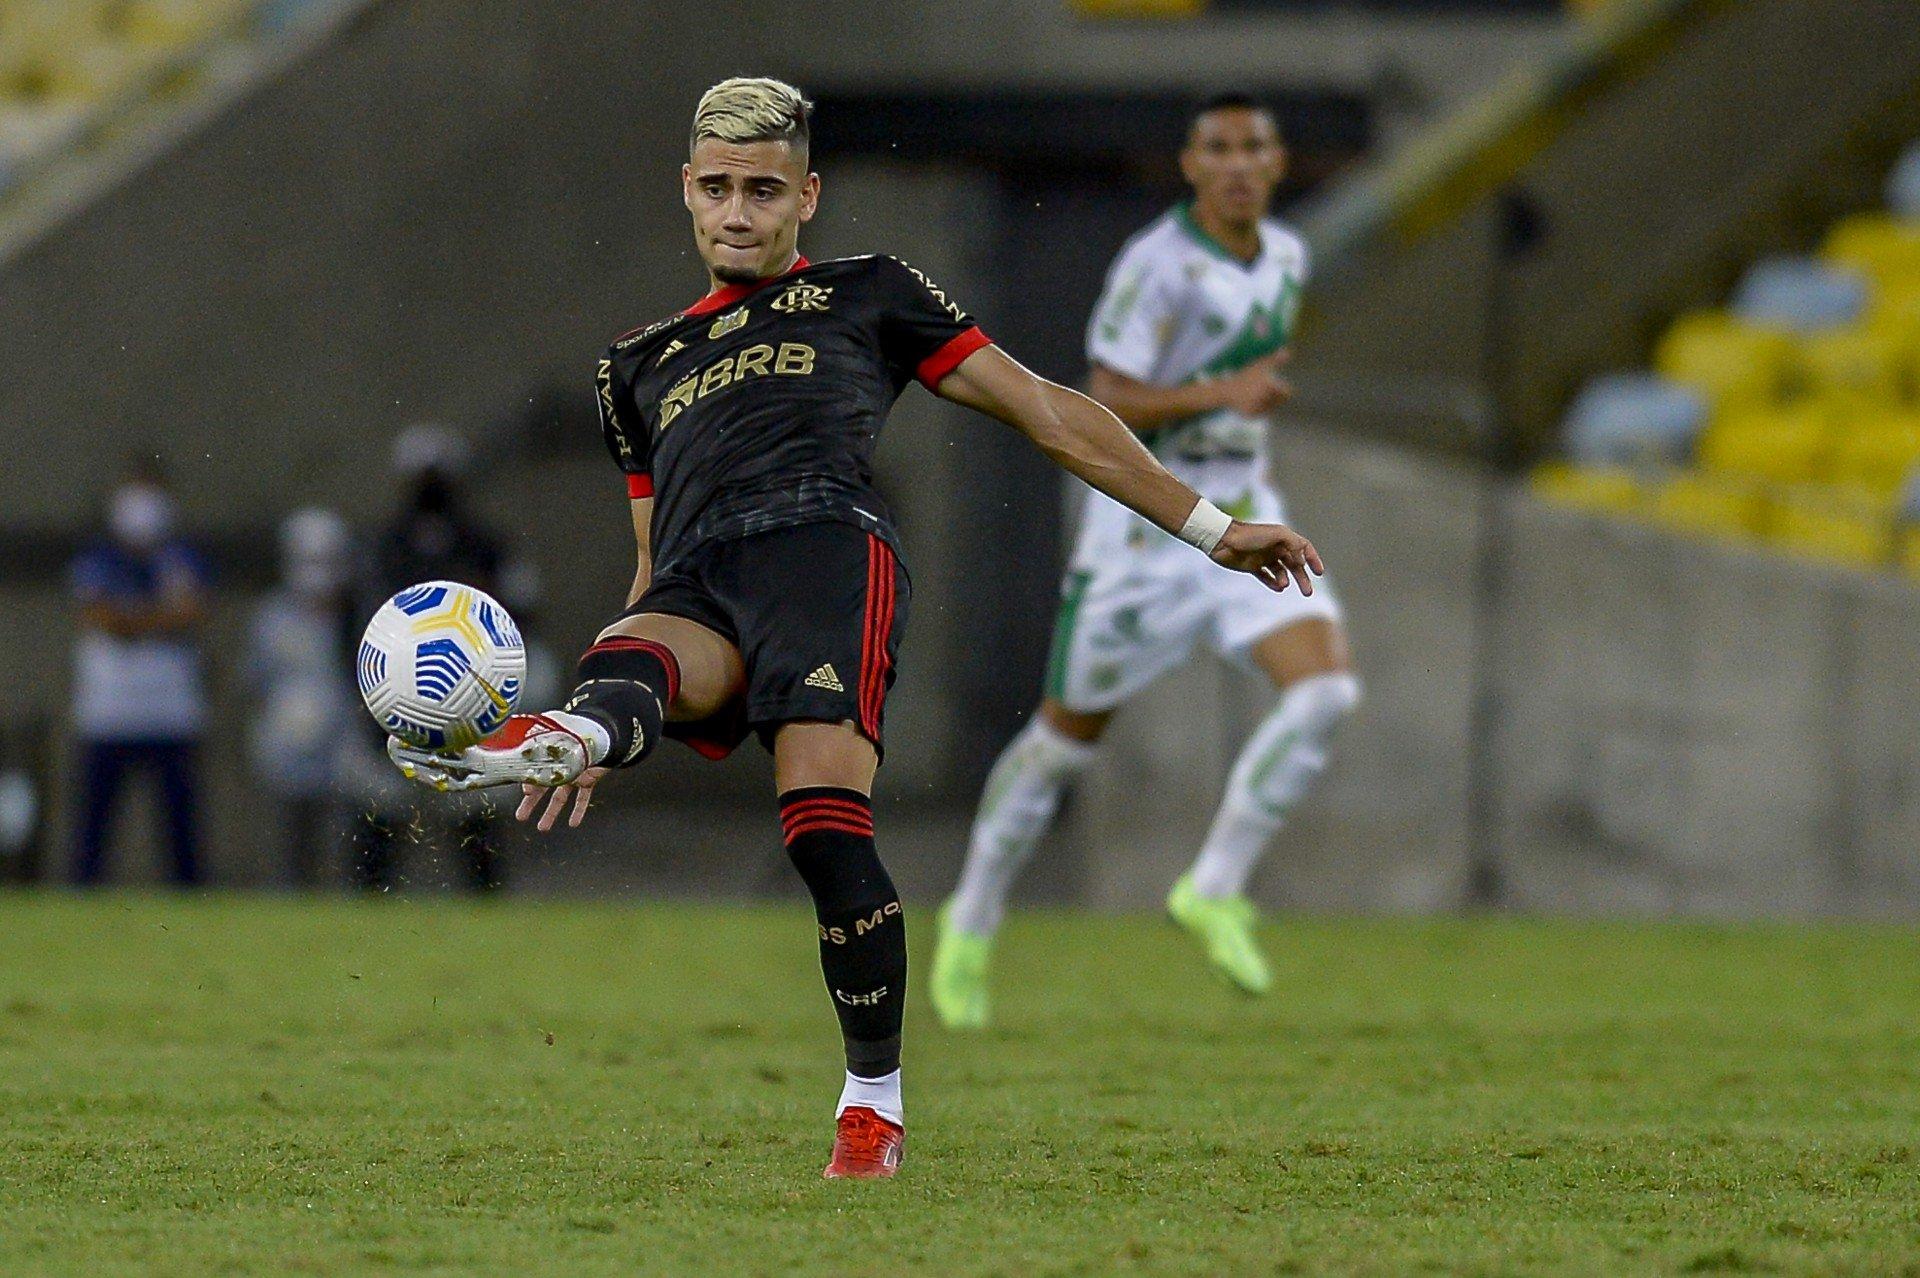 Após fazer golaço de falta, Andreas Pereira pode desfalcar o Flamengo por seis partidas